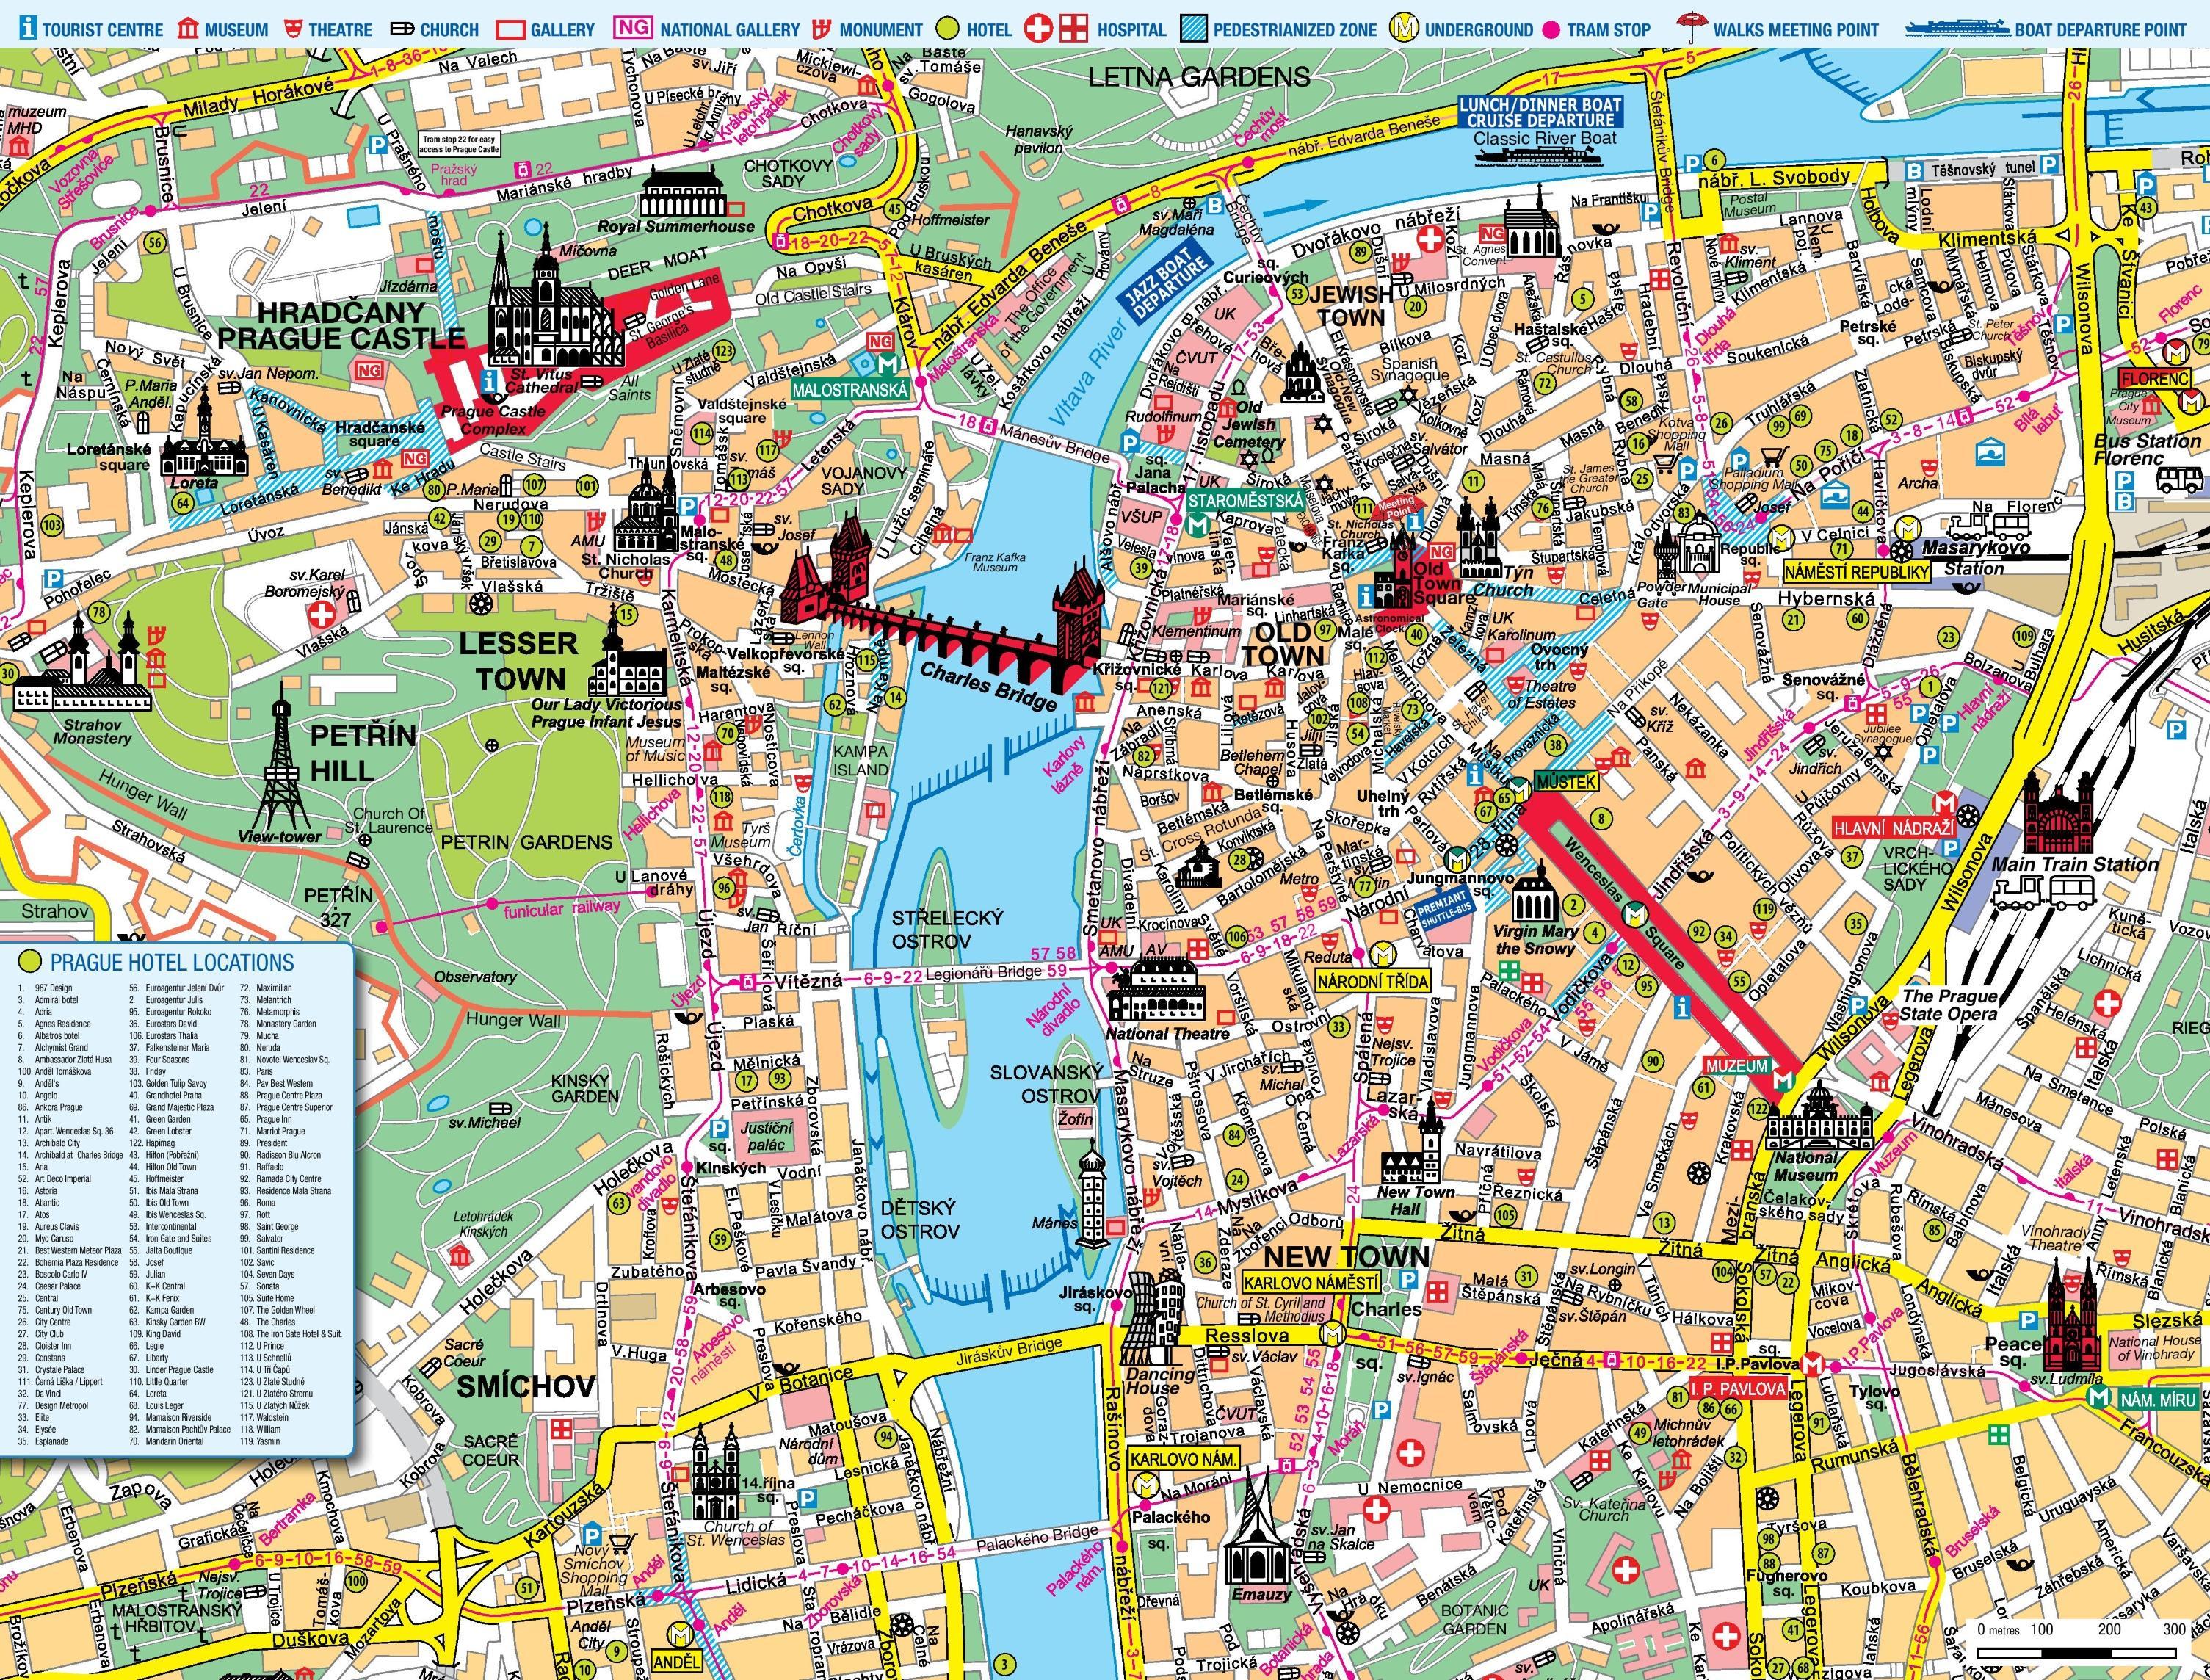 walking map of prague Prague Maps Transport Maps And Tourist Maps Of Prague In Czechia walking map of prague